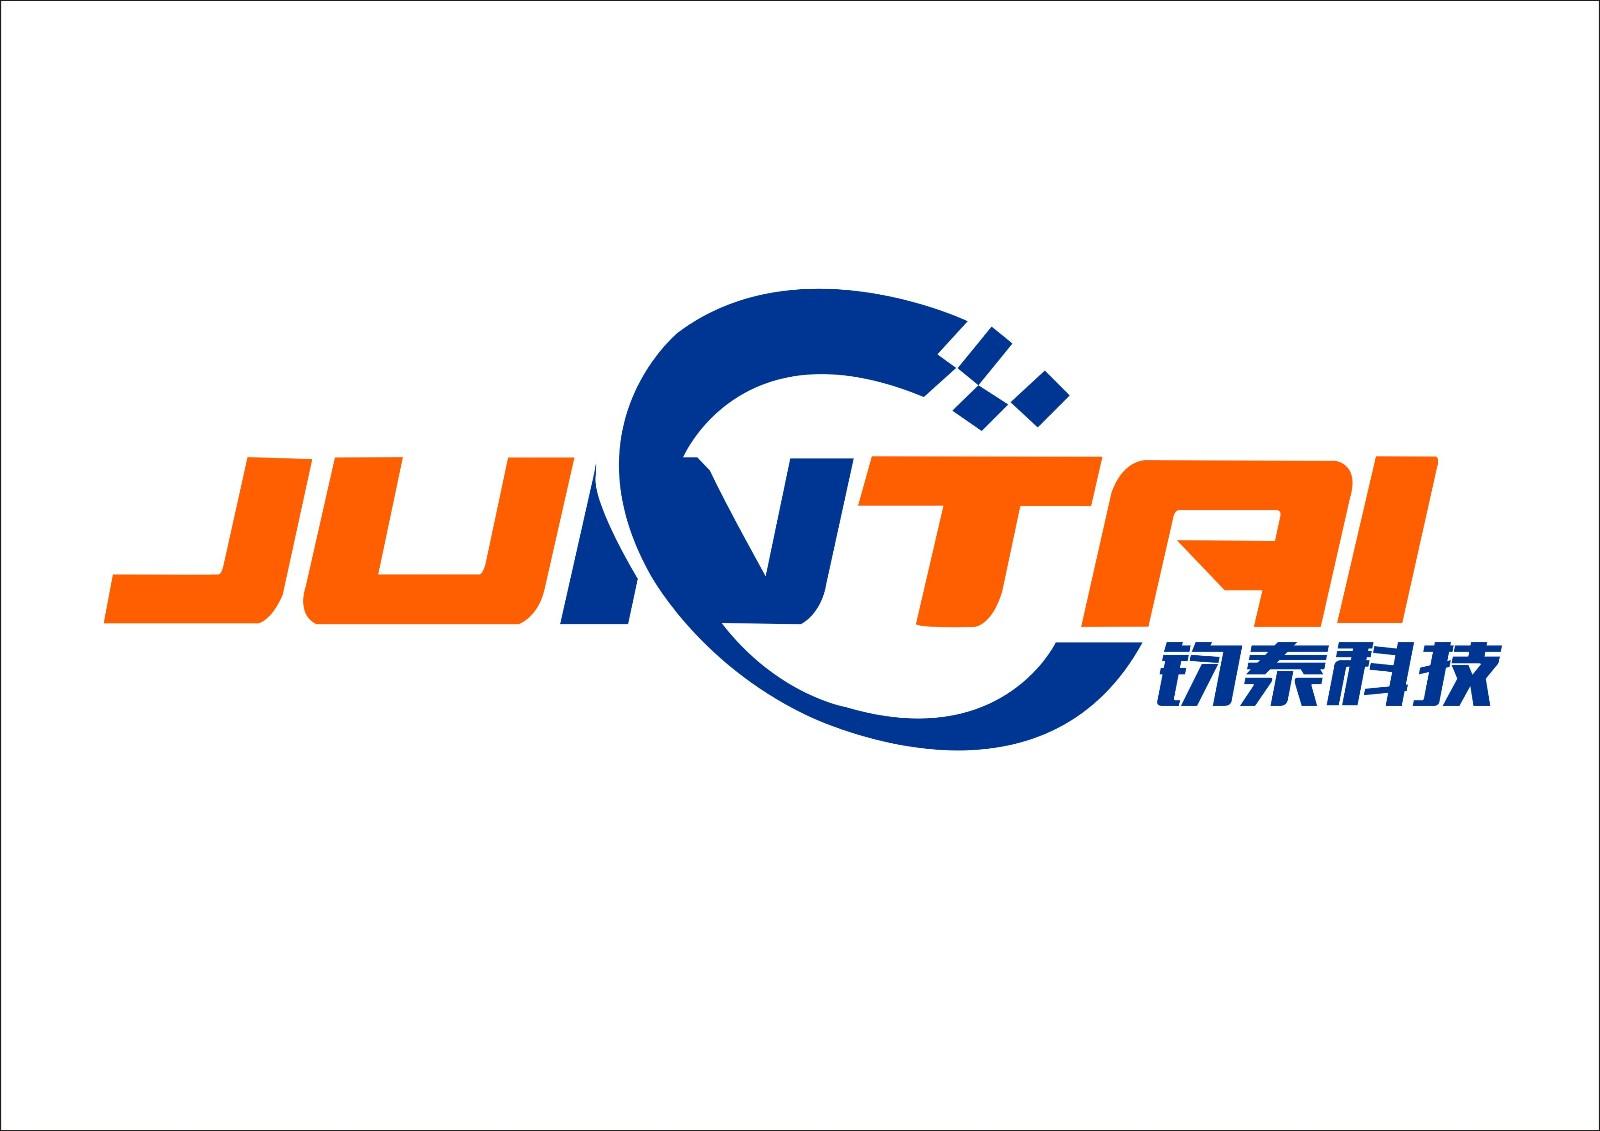 行政司机_郑州钧泰网络科技有限公司招聘信息